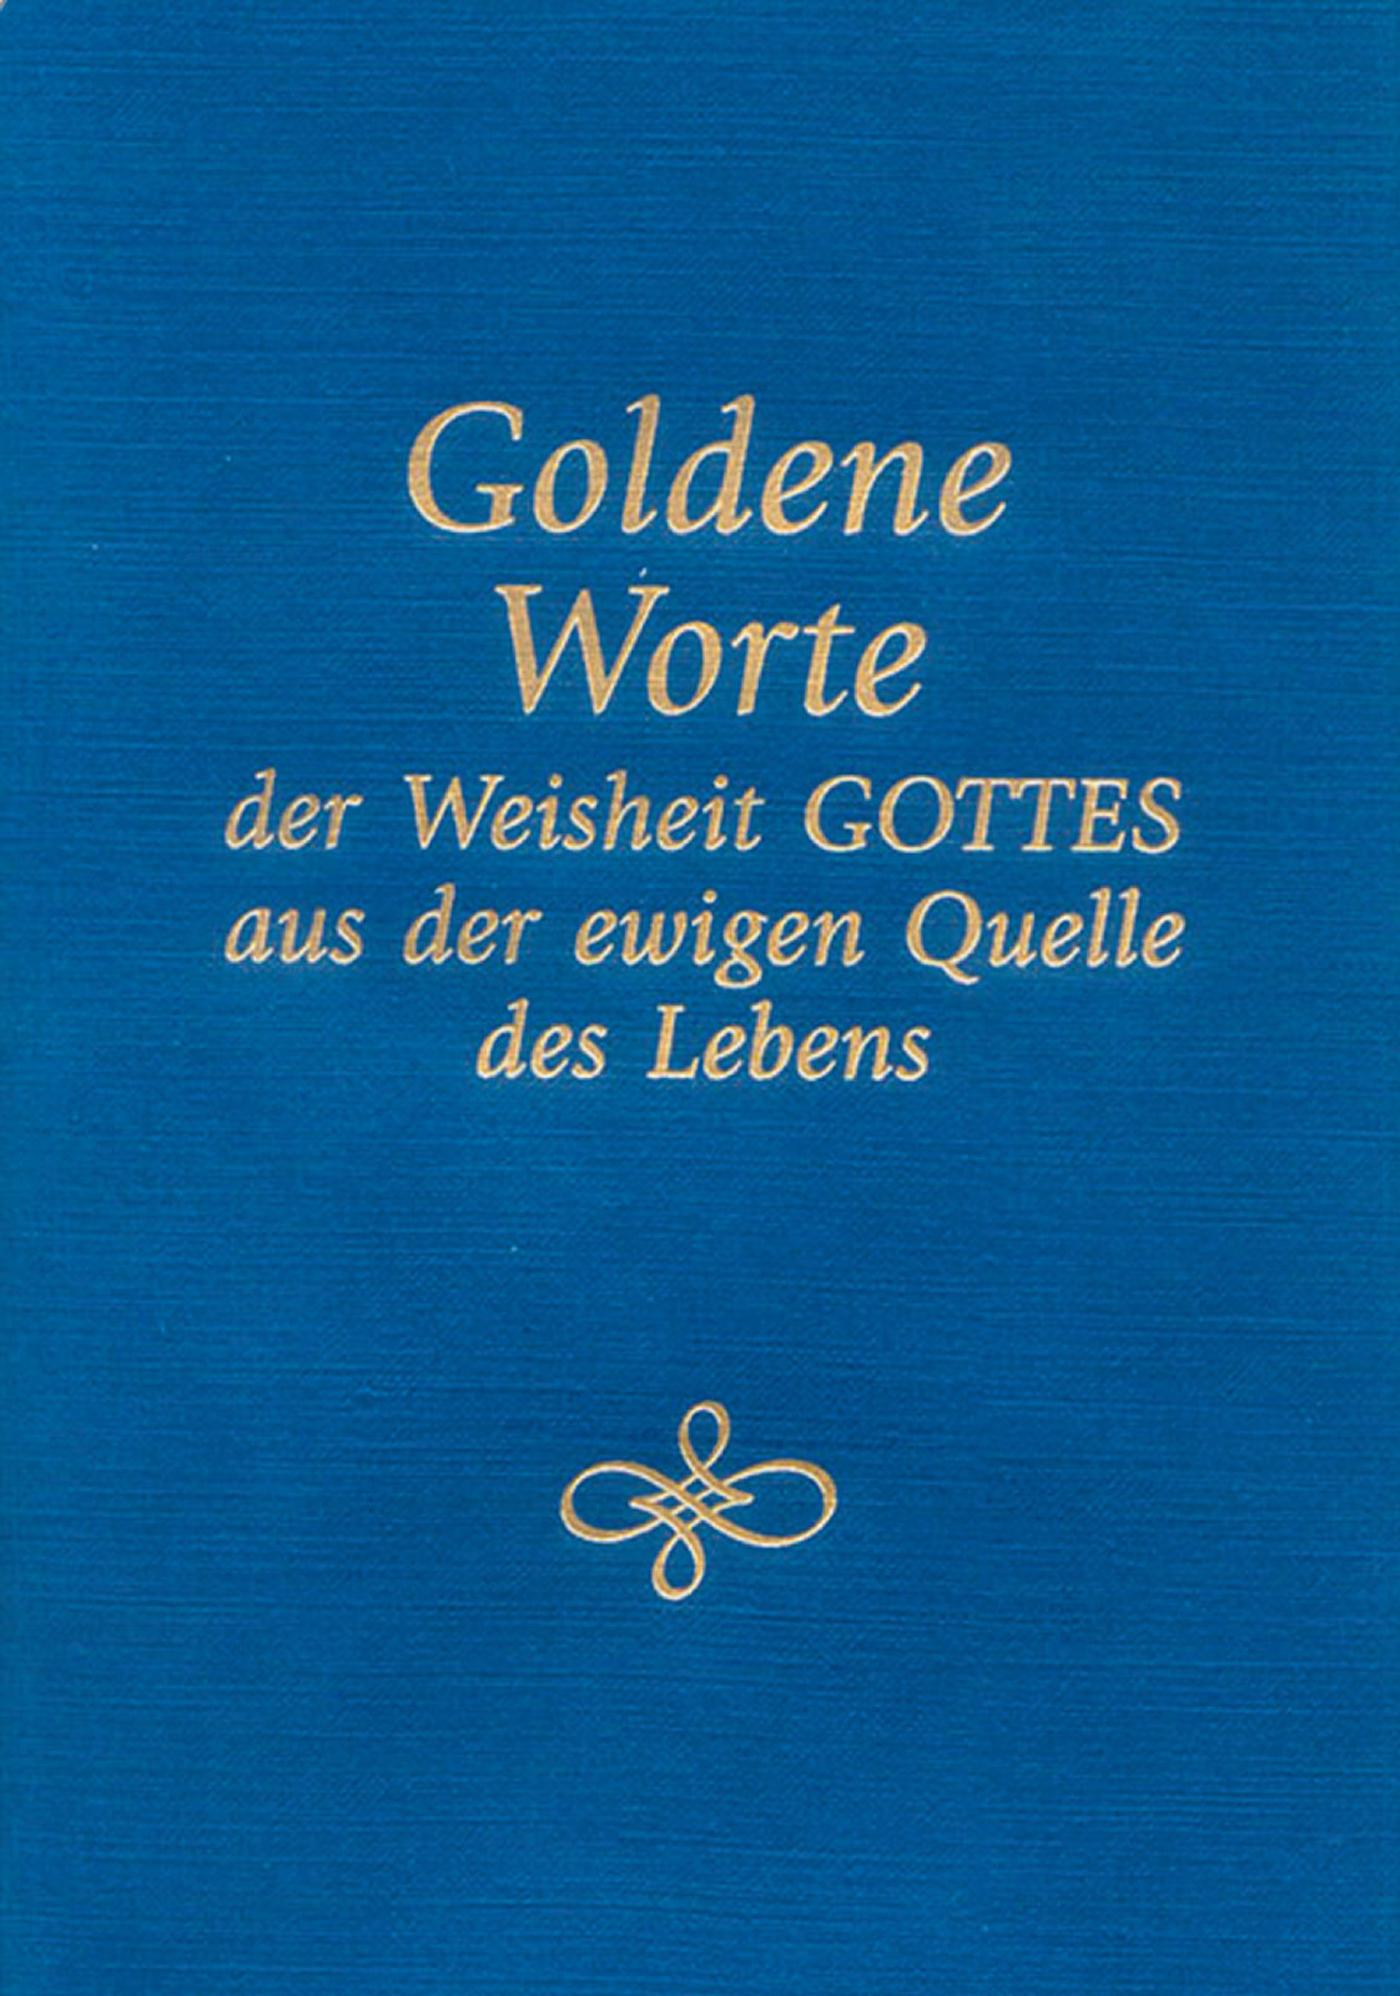 Goldene Worte der Weisheit Gottes aus der ewigen Quelle Gabriele